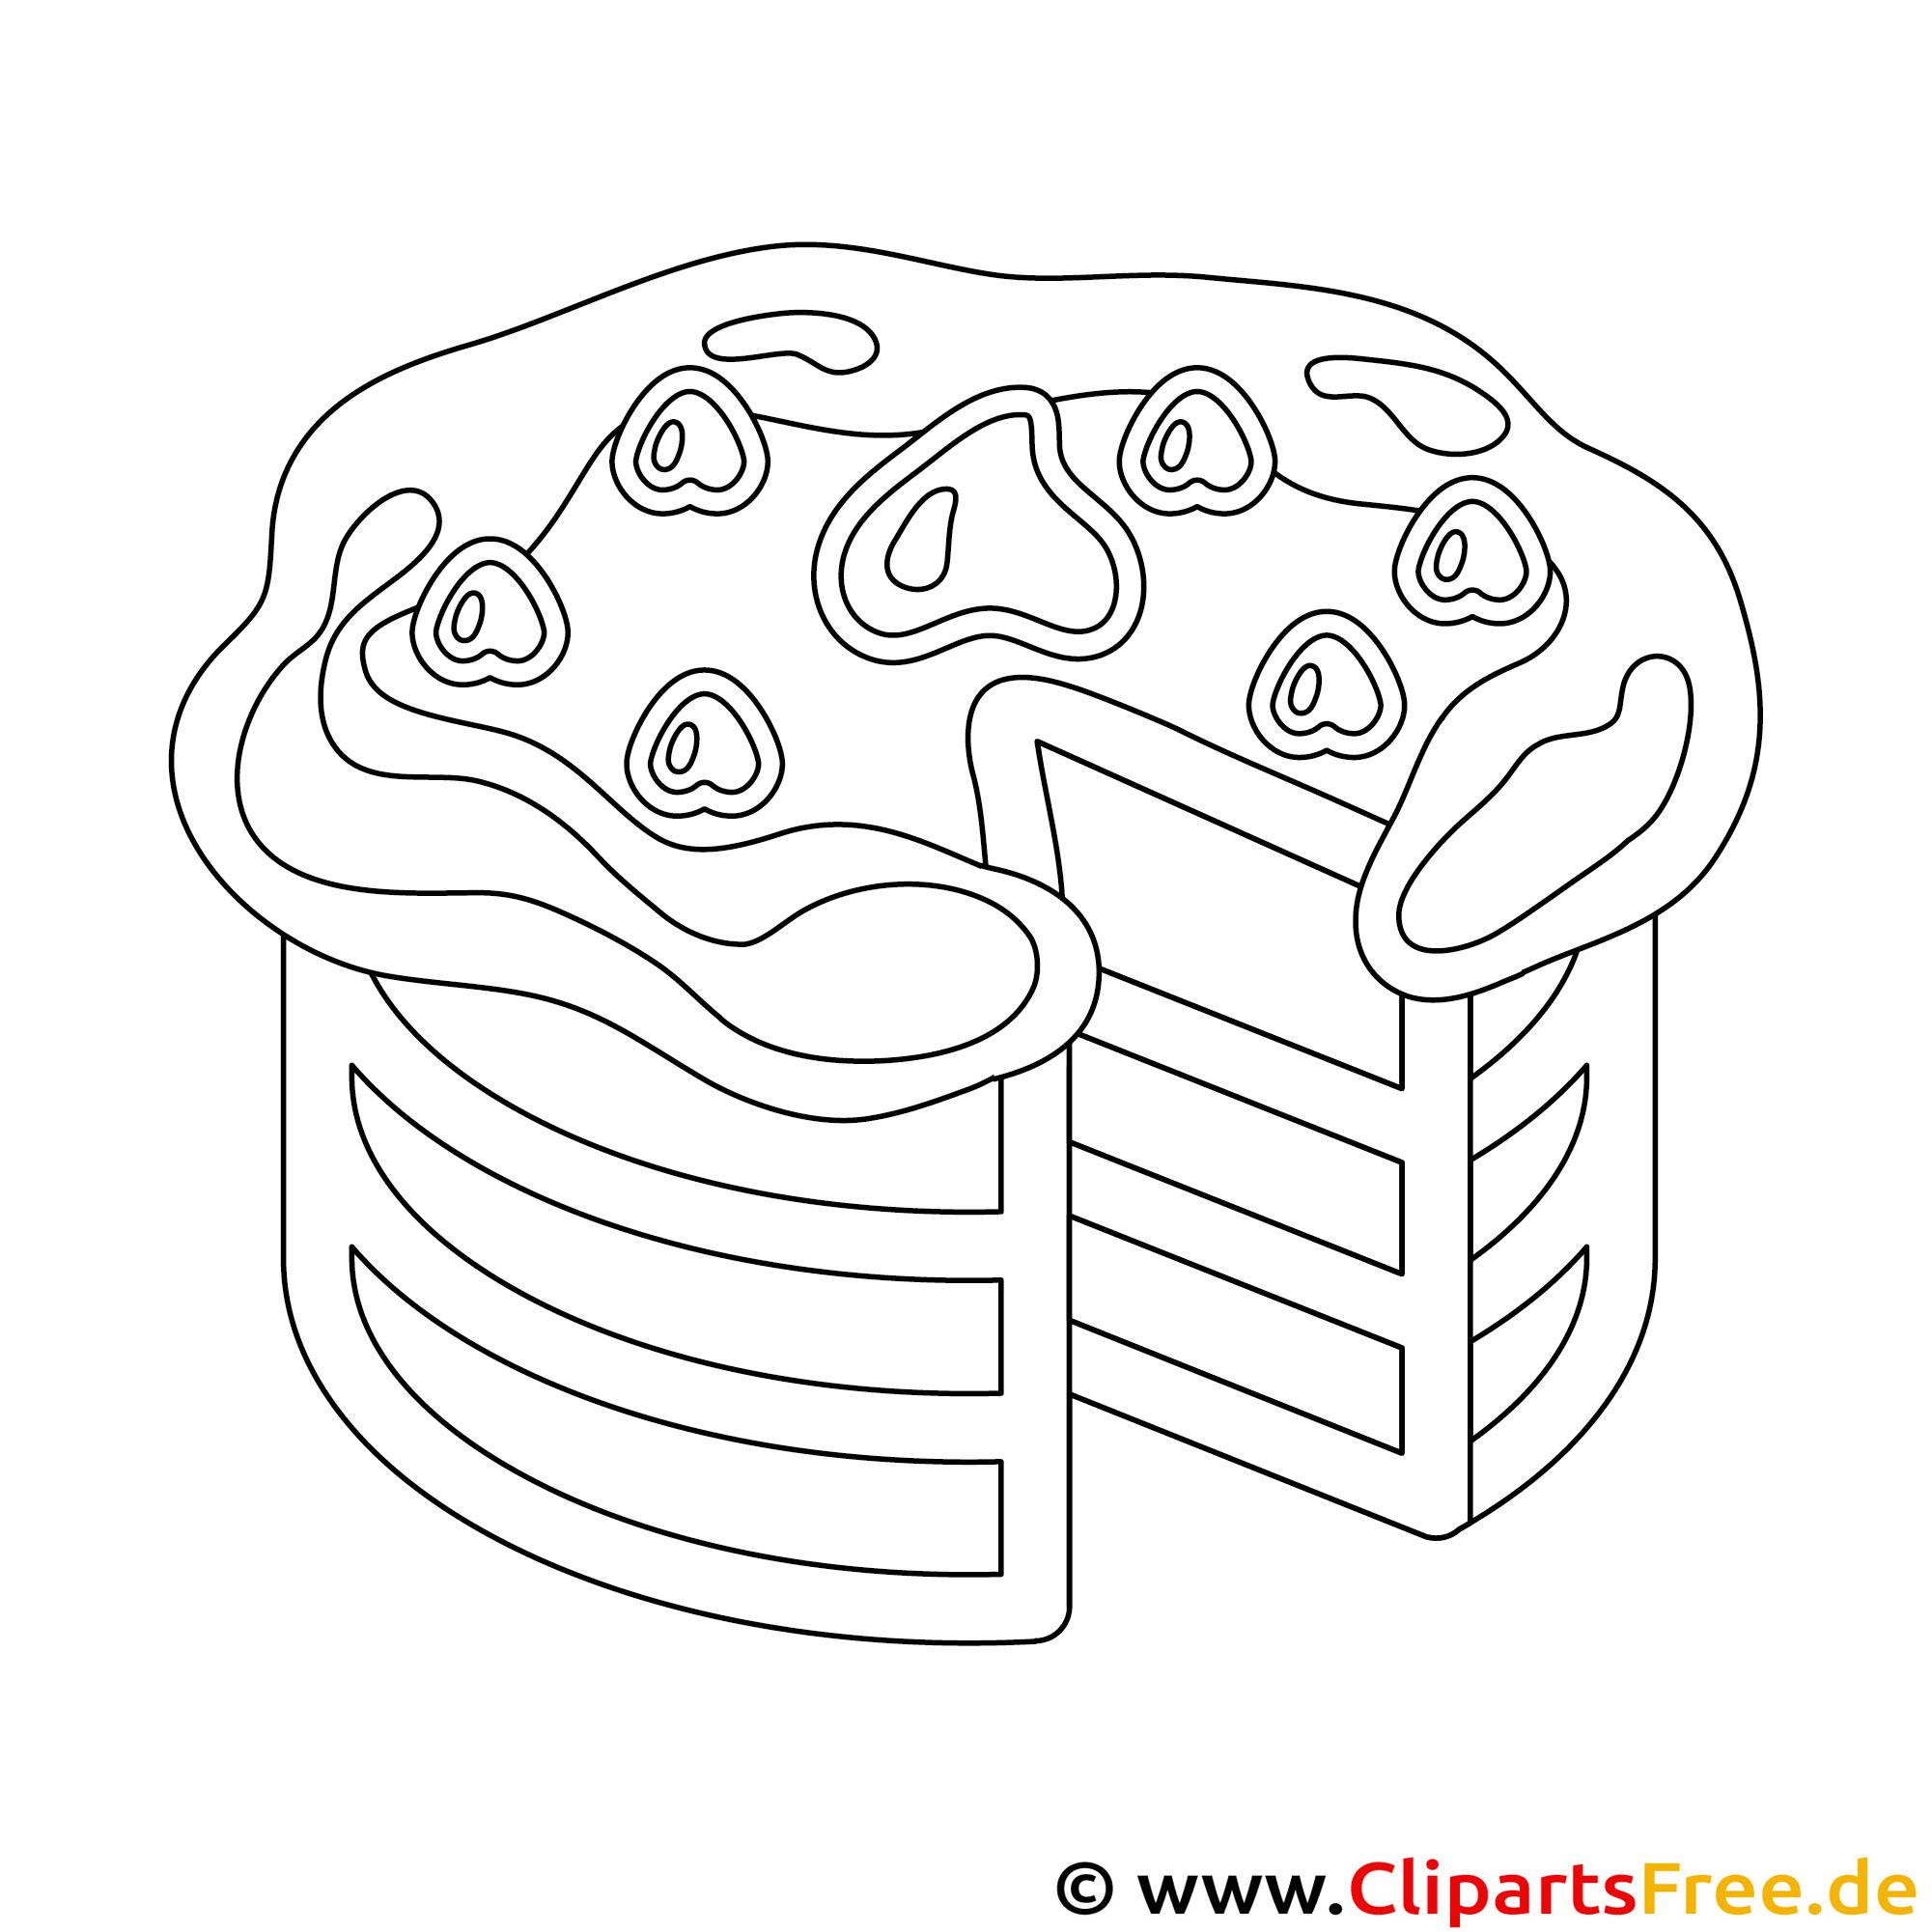 Kuchen Malvorlage als PDF-Datei